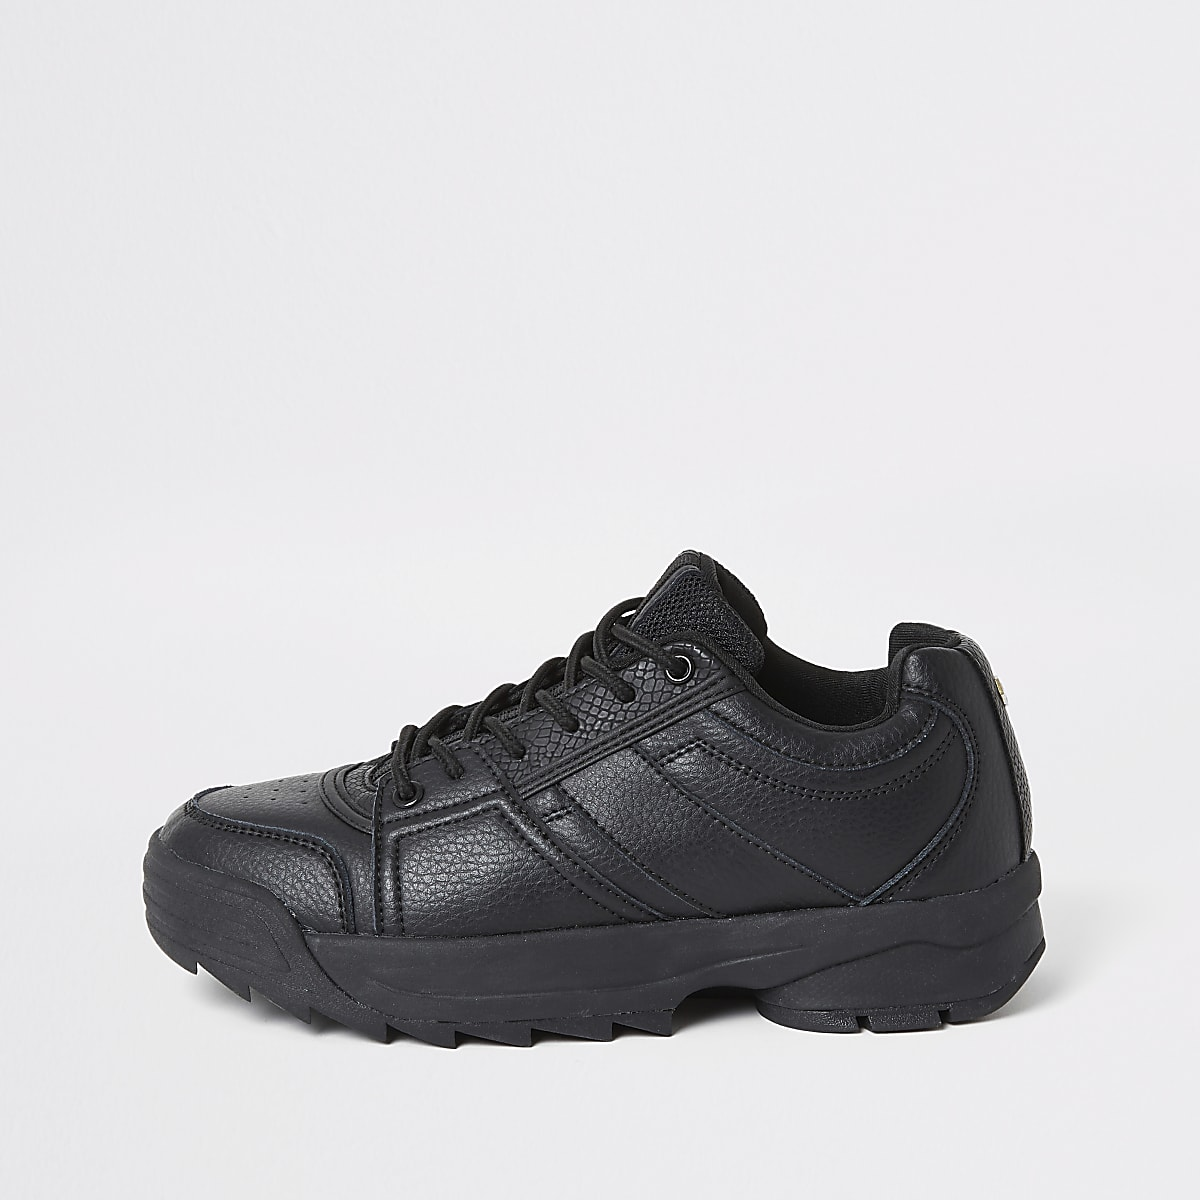 Baskets noires à lacets et semelles épaisses